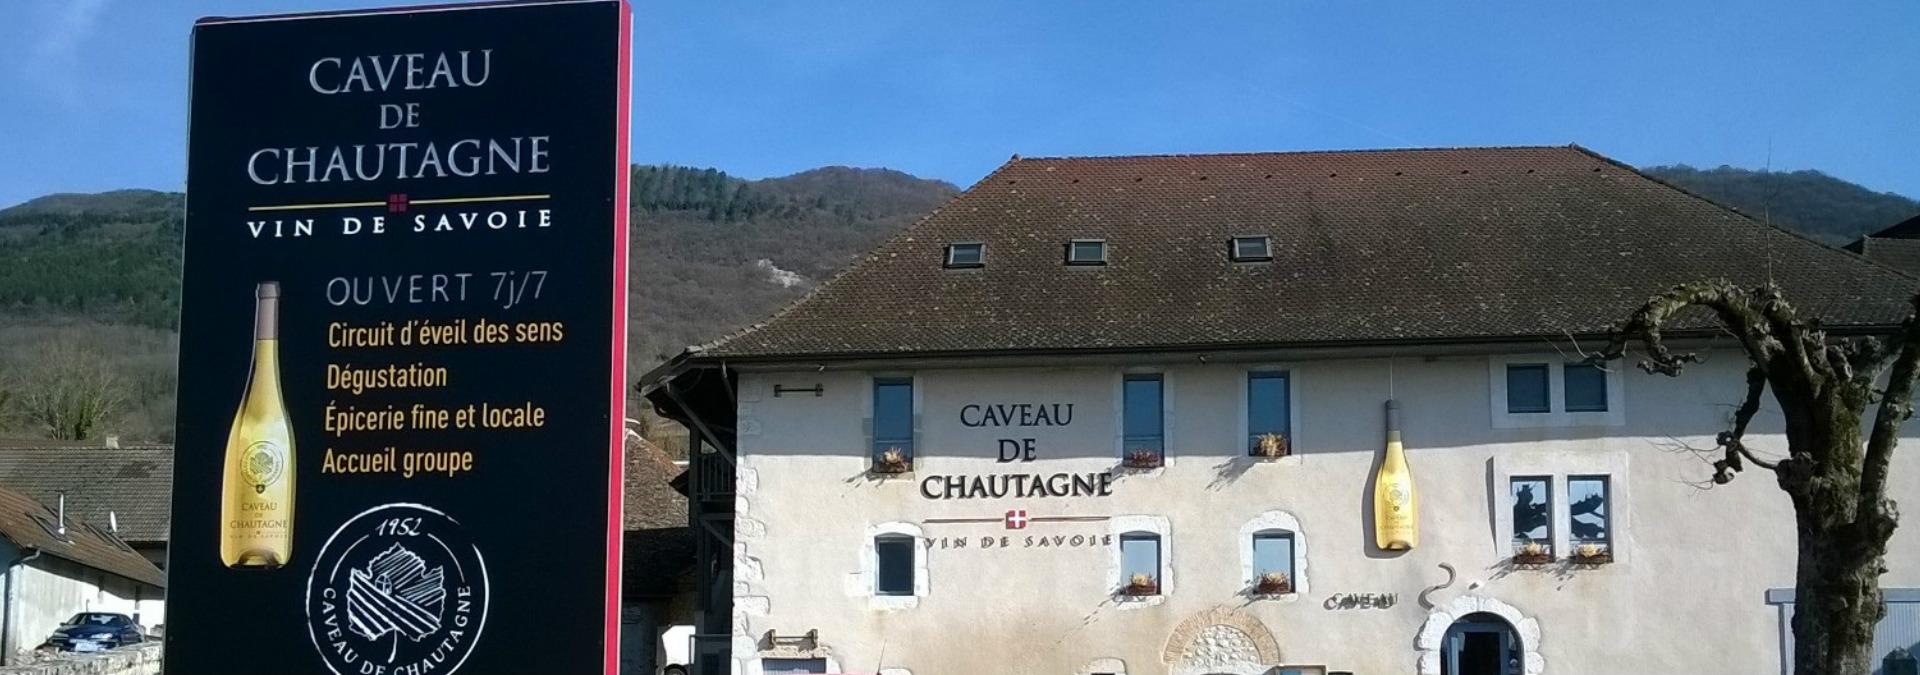 Caveau de Chautagne